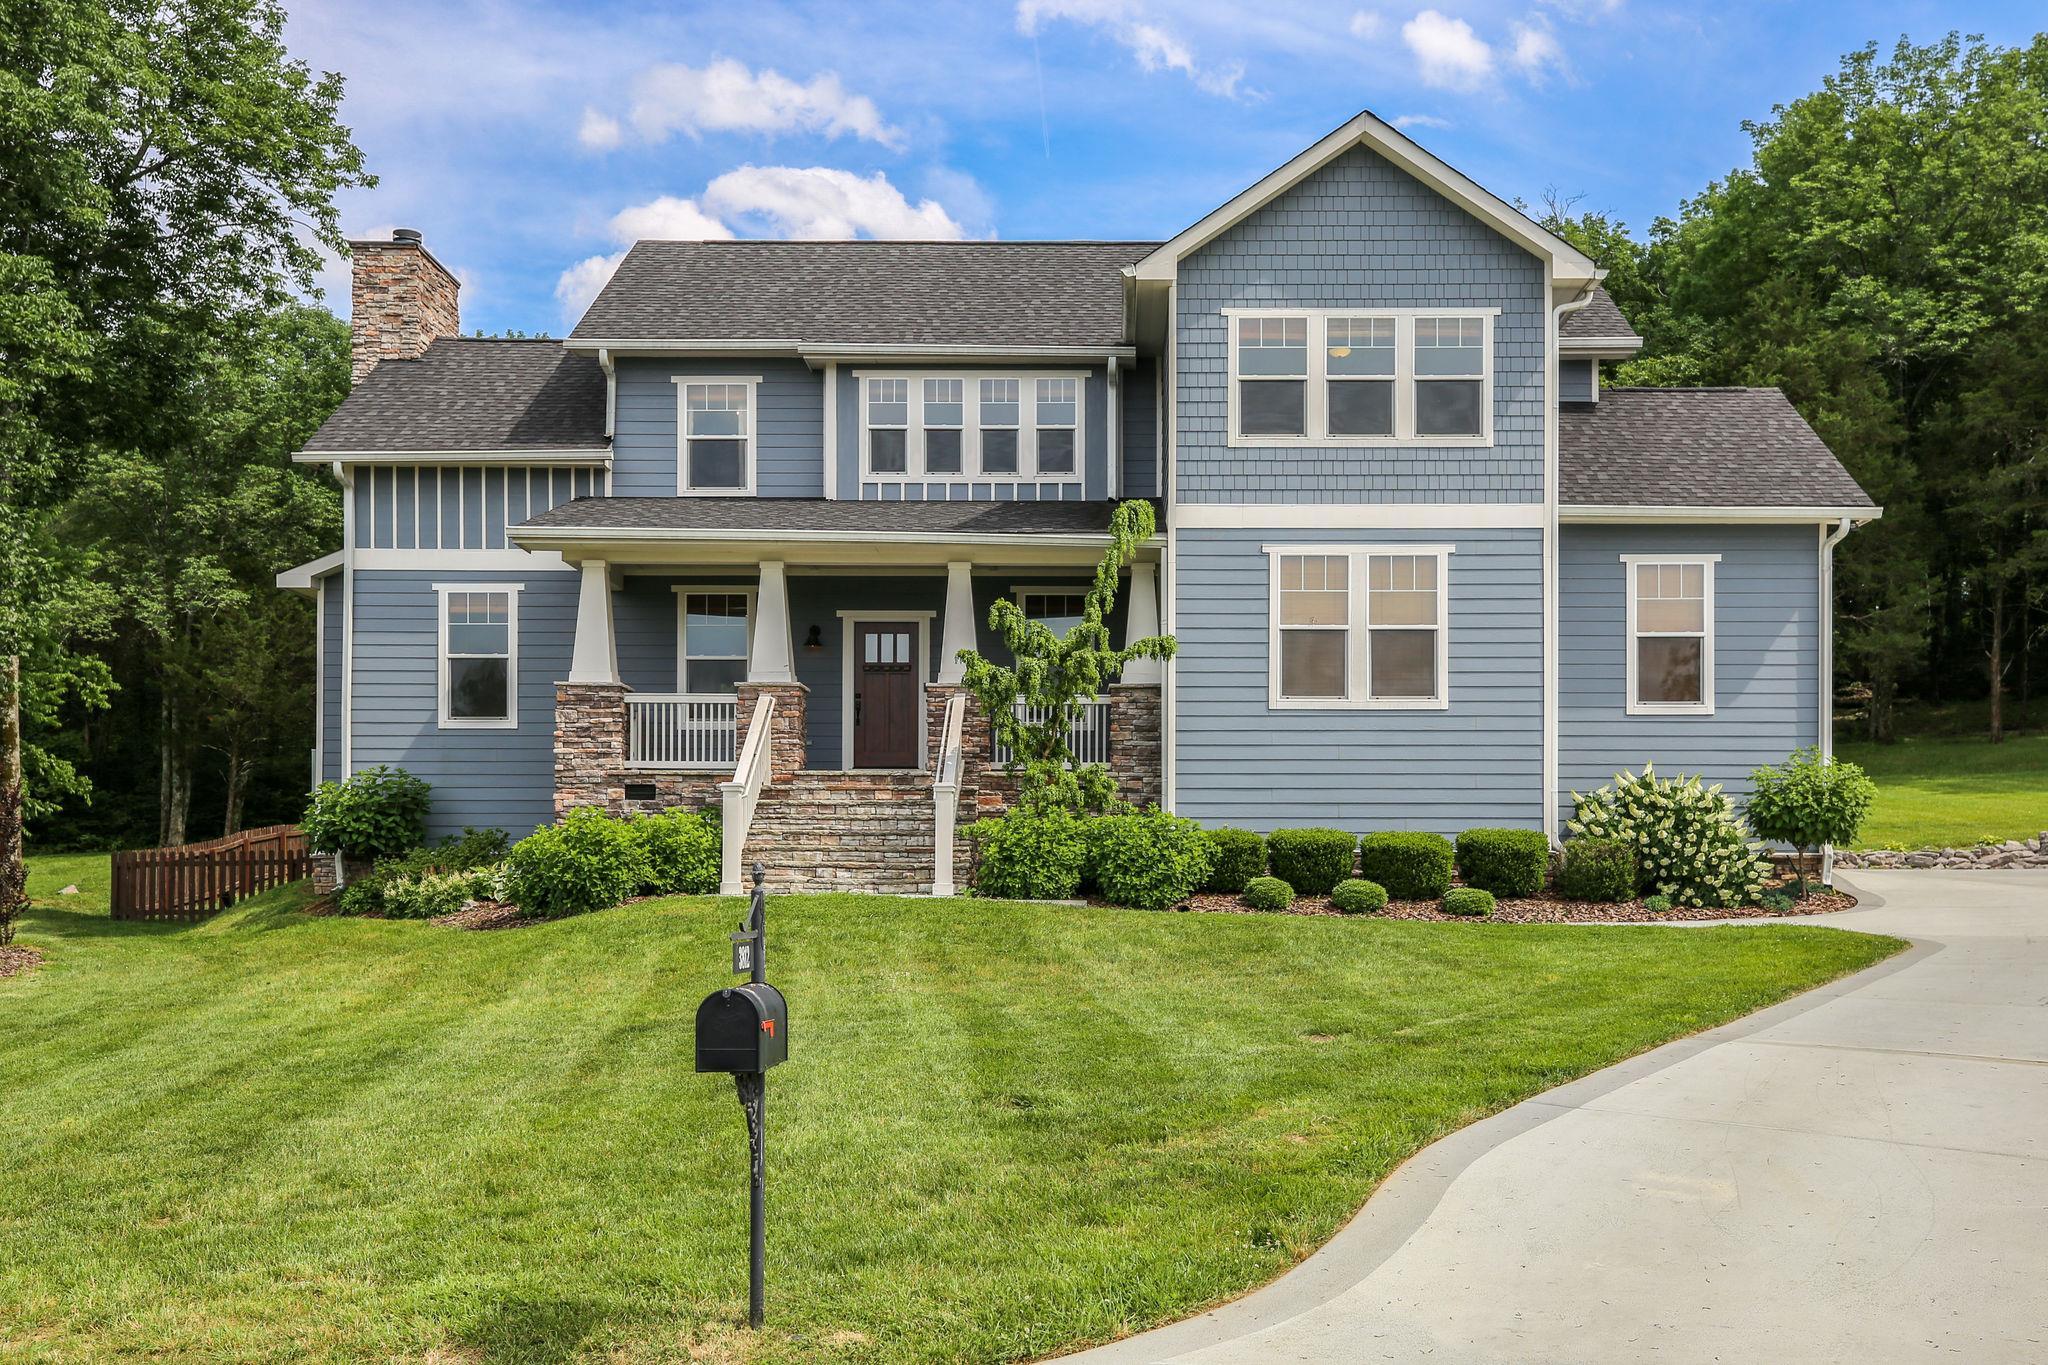 3812 Berryhill Dr, Murfreesboro, TN 37127 - Murfreesboro, TN real estate listing